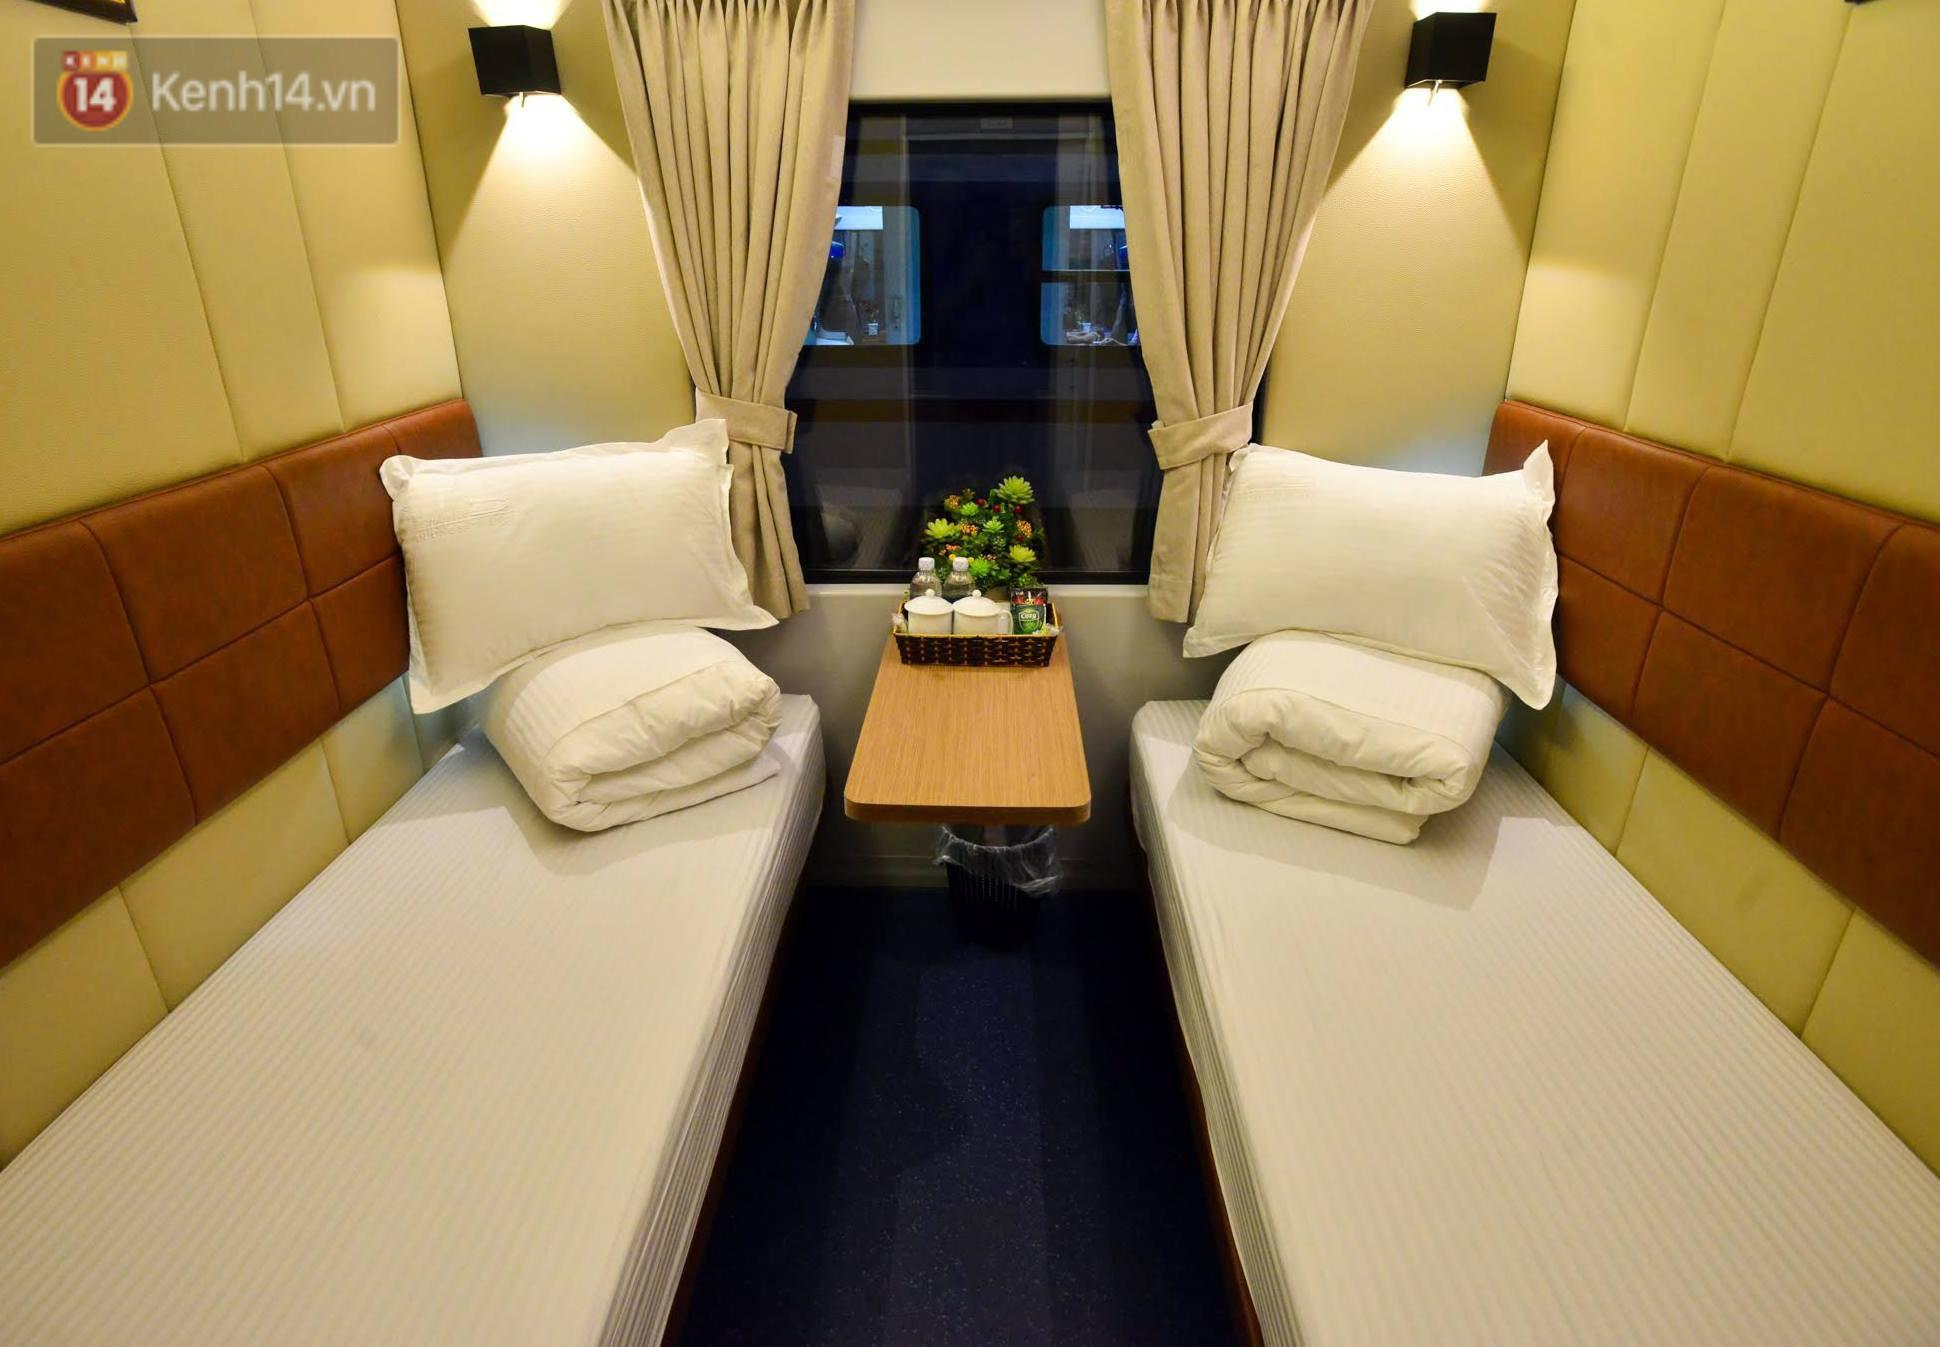 Cận cảnh khoang nằm sang trọng được đưa vào phục vụ trên tuyến đường sắt Bắc - Nam 5